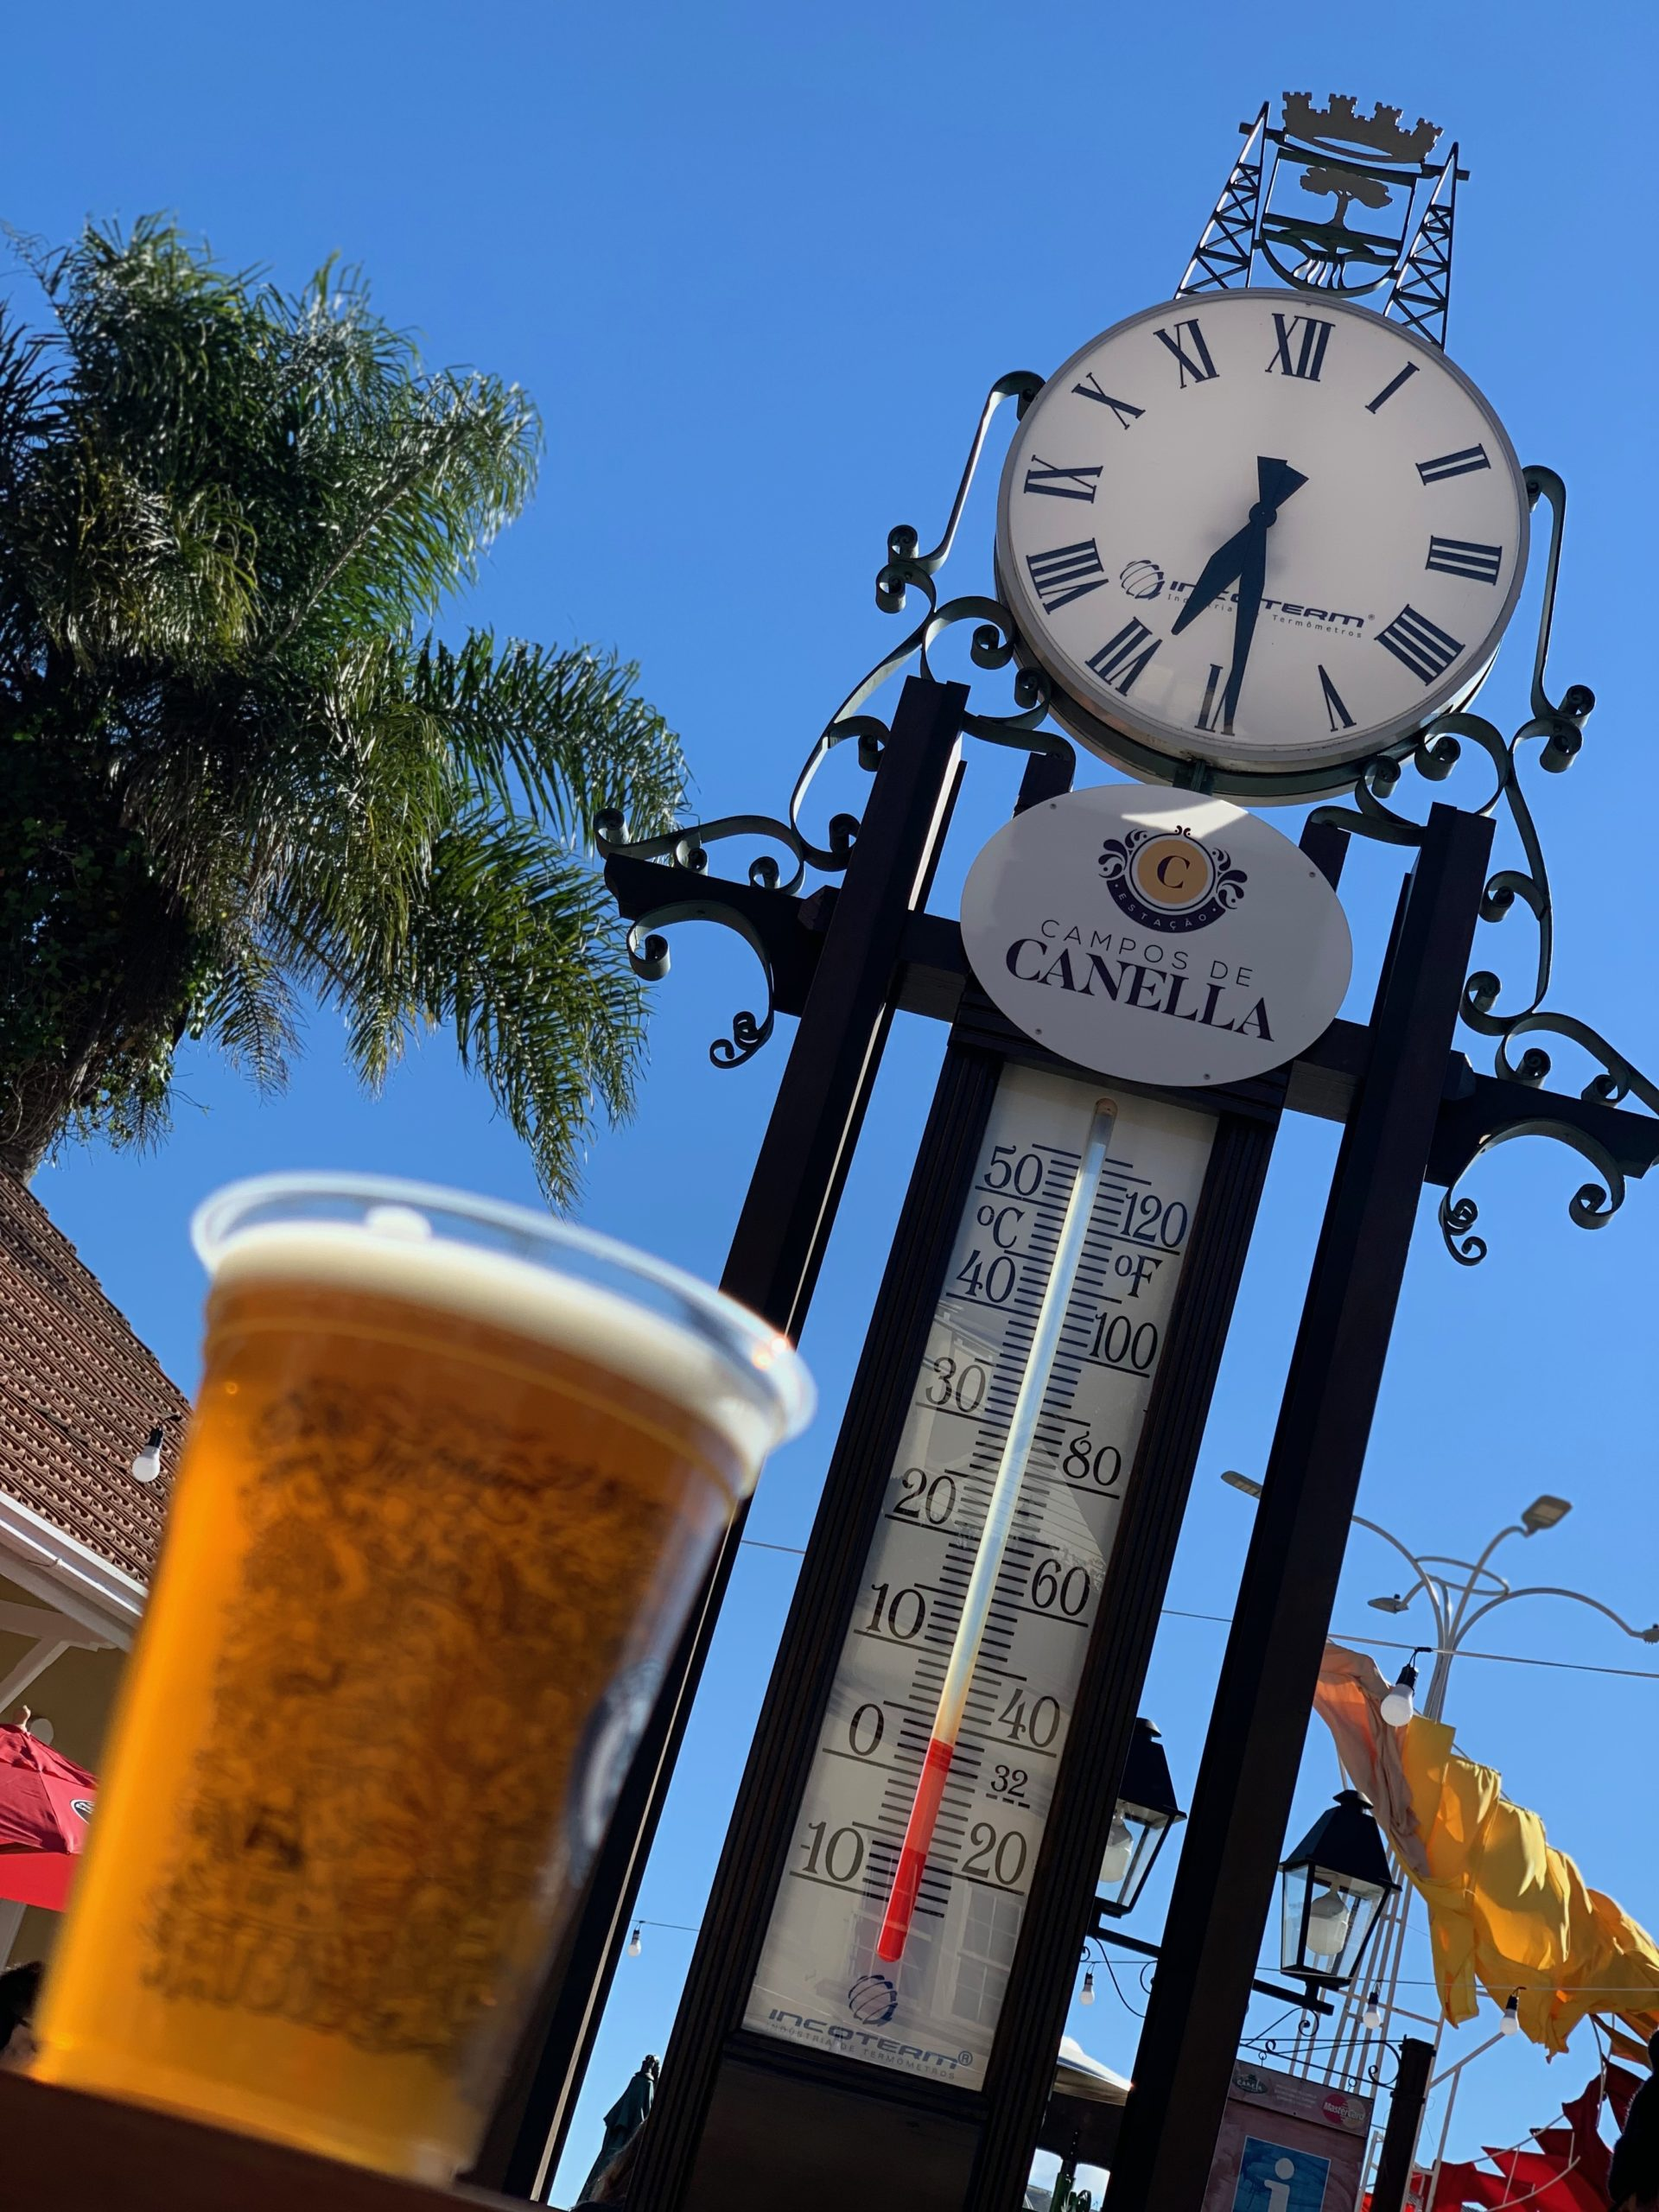 Música, dança, gastronomia e cervejas especiais integram programação dos dias 12 e 13 de outubro em Canela. Foto: Divulgação